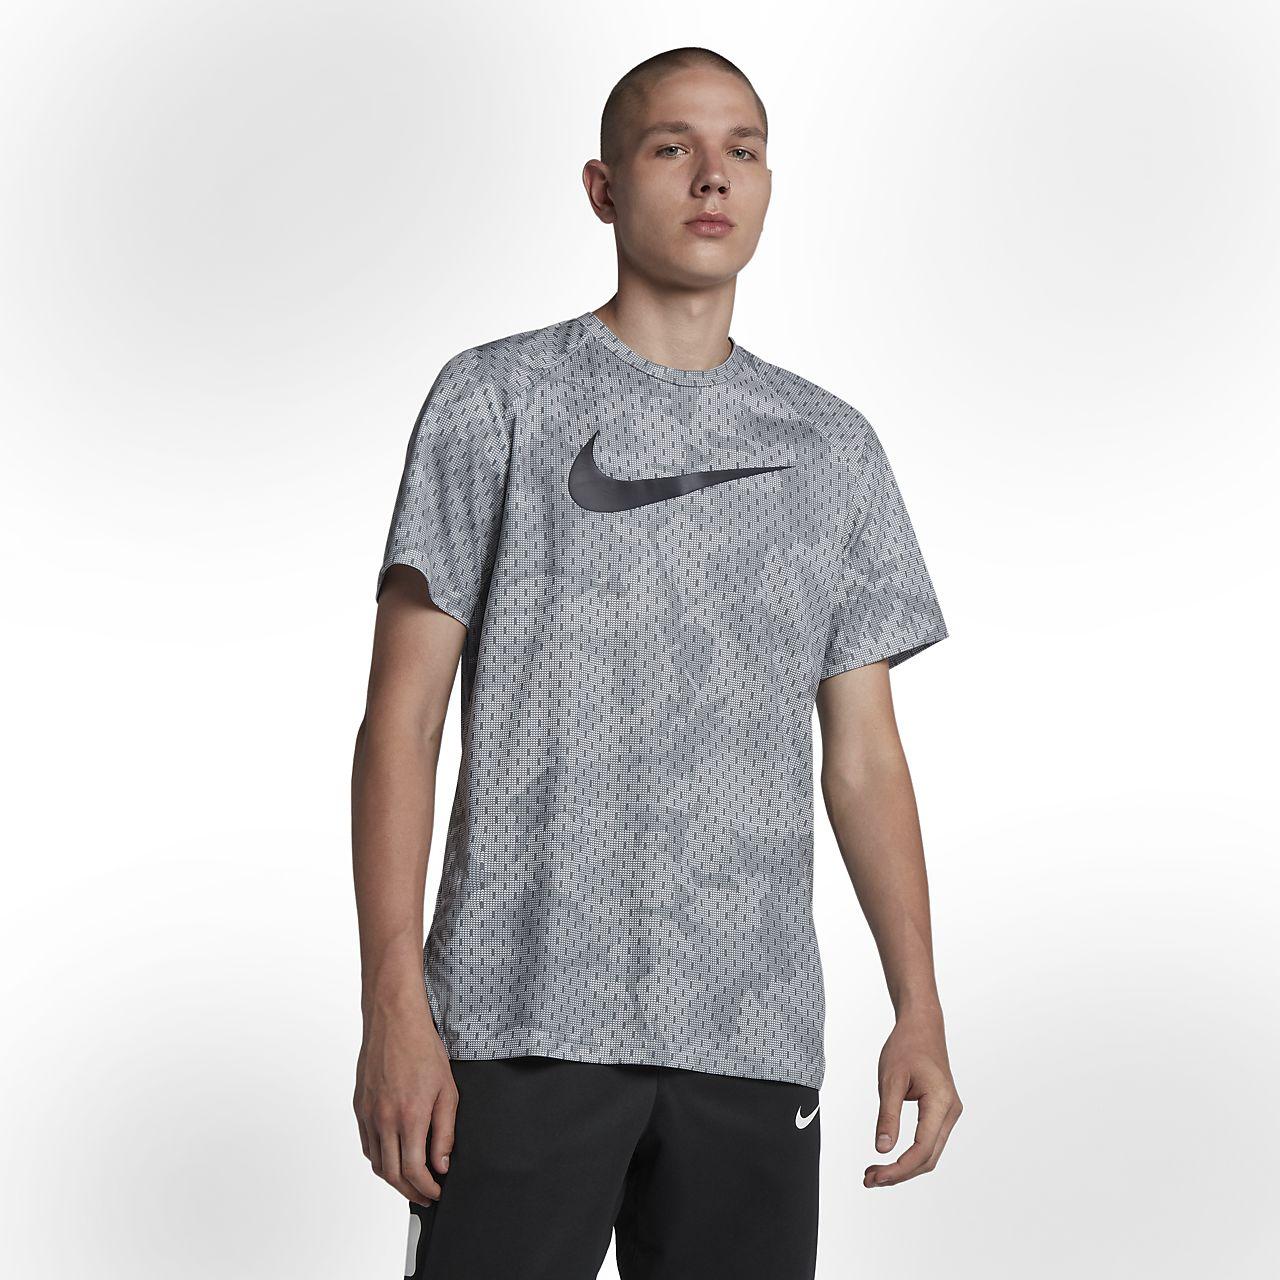 timeless design d47db 1805f Nike Dri-FIT Elite kortermet basketoverdel til herre